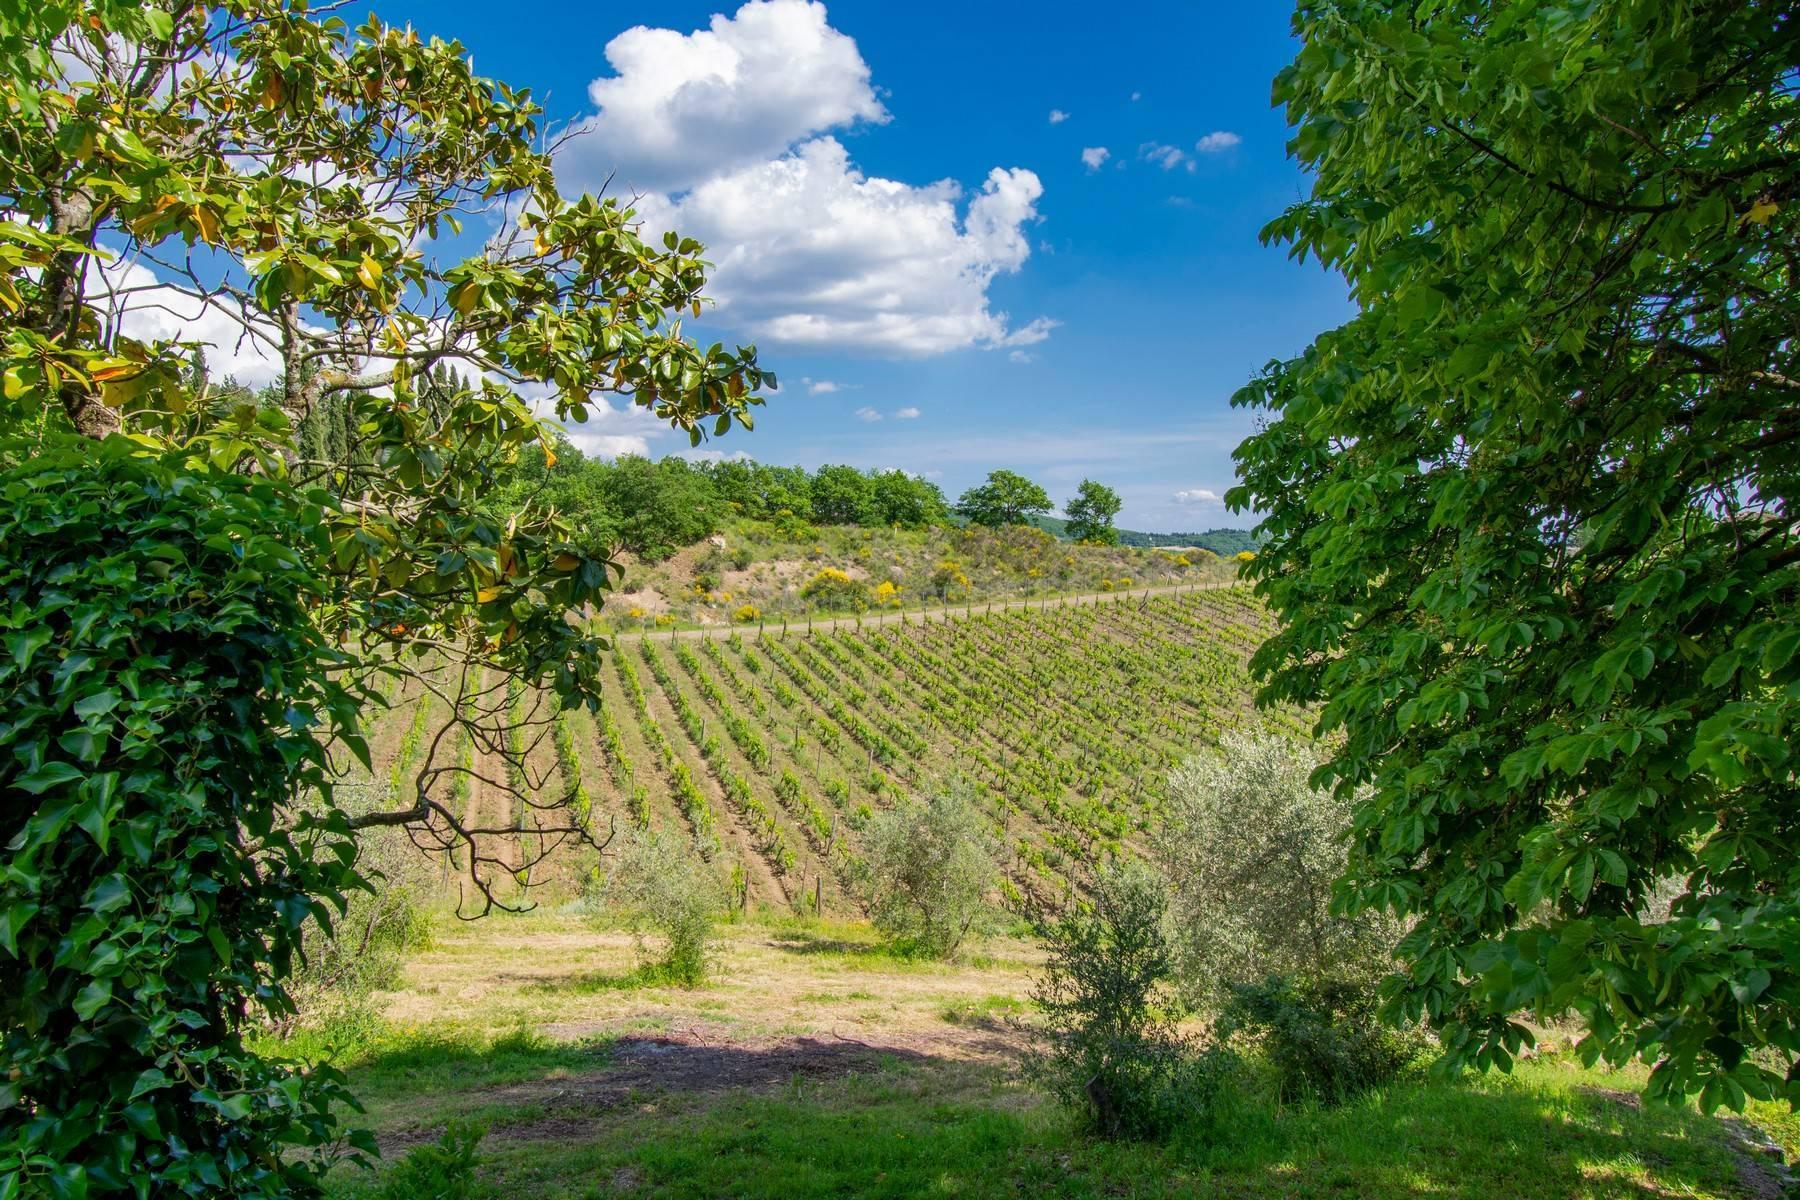 Esclusive wine estate in the heart of Chianti classico - 24